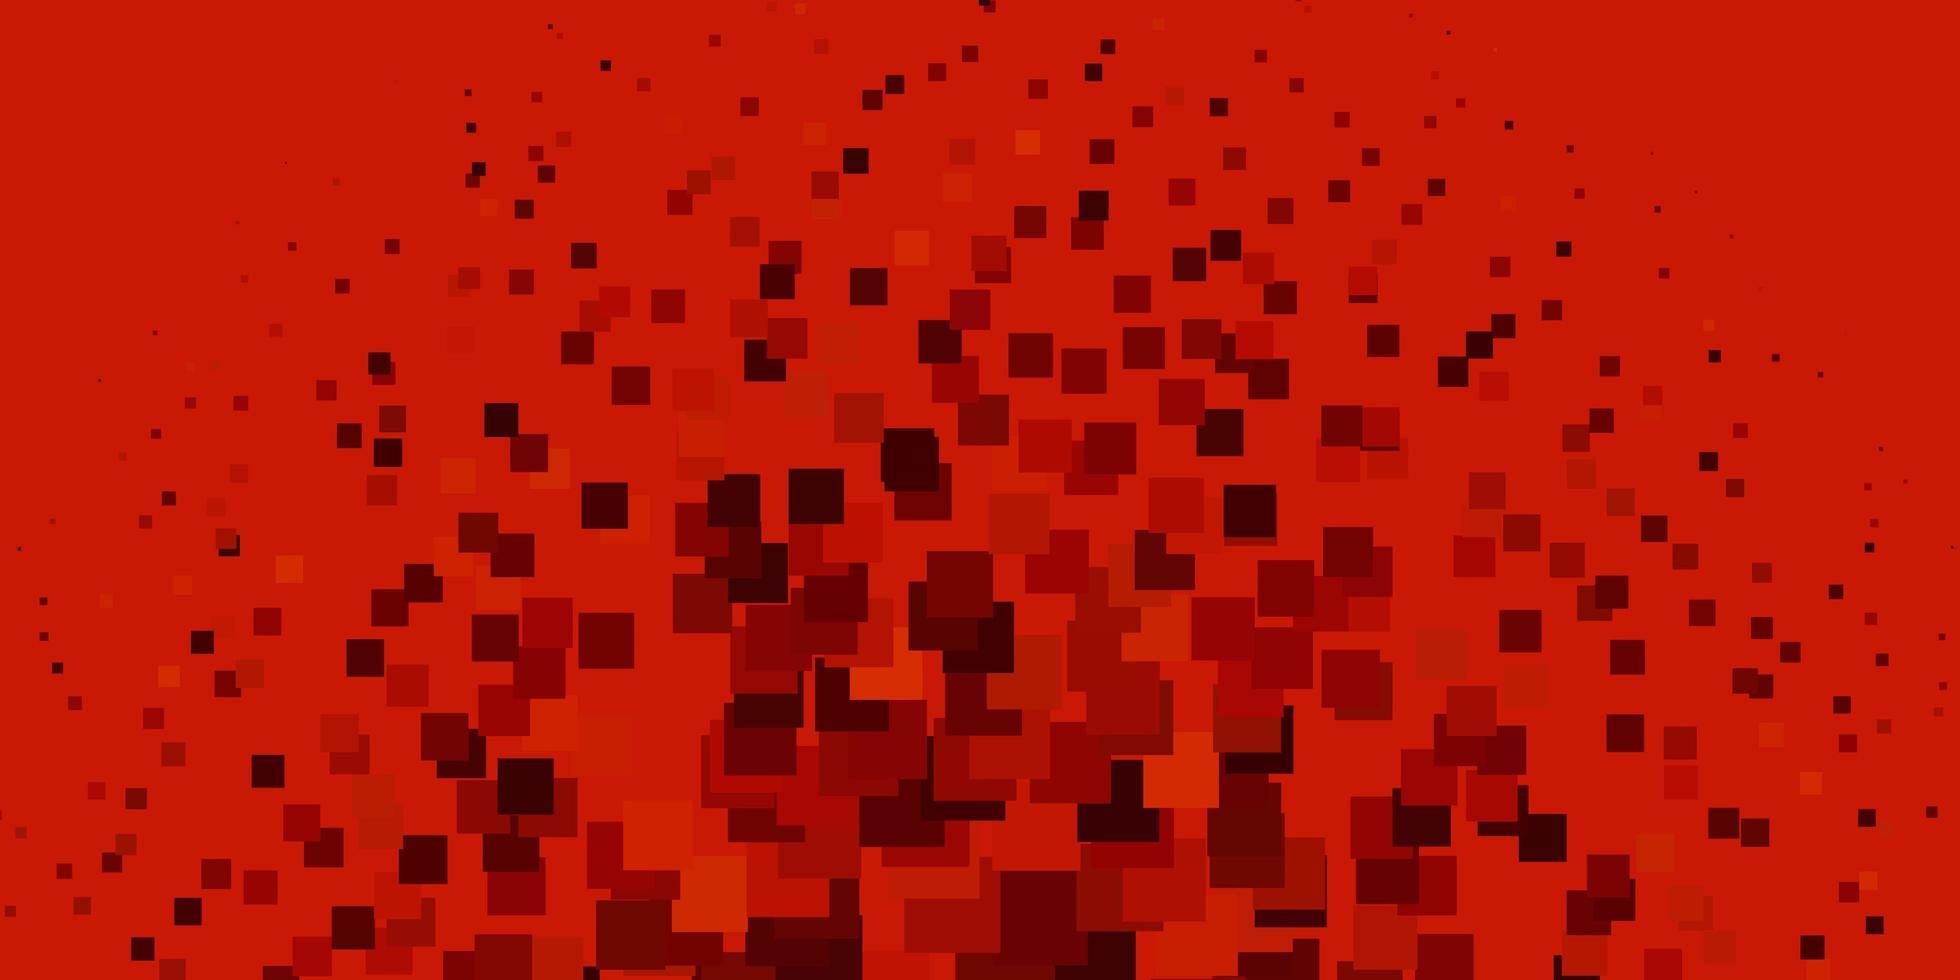 texture de vecteur rouge clair dans un style rectangulaire.